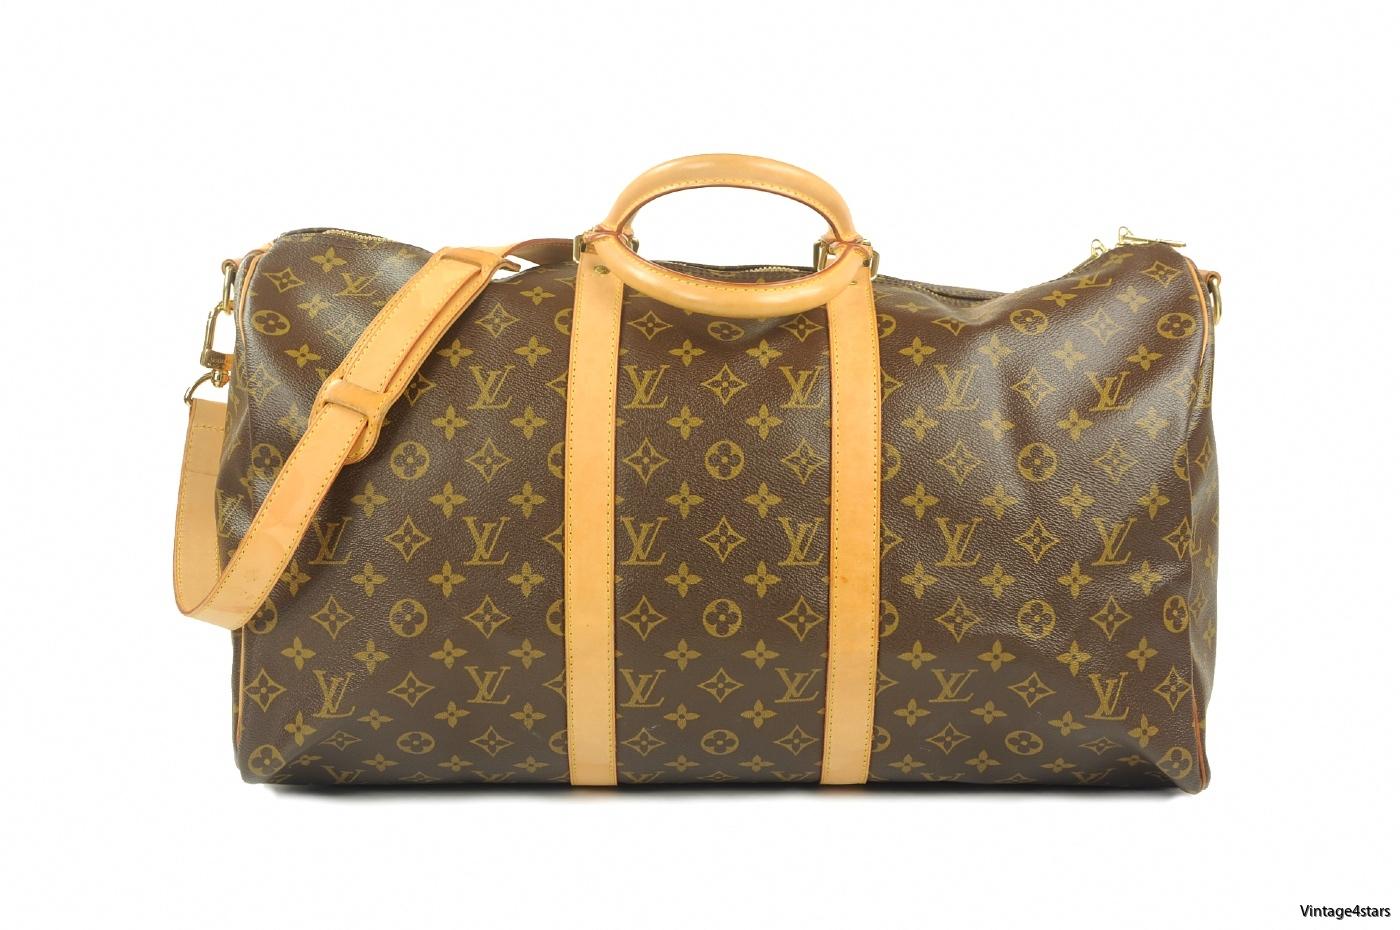 Louis Vuitton Keepall 50 1-3